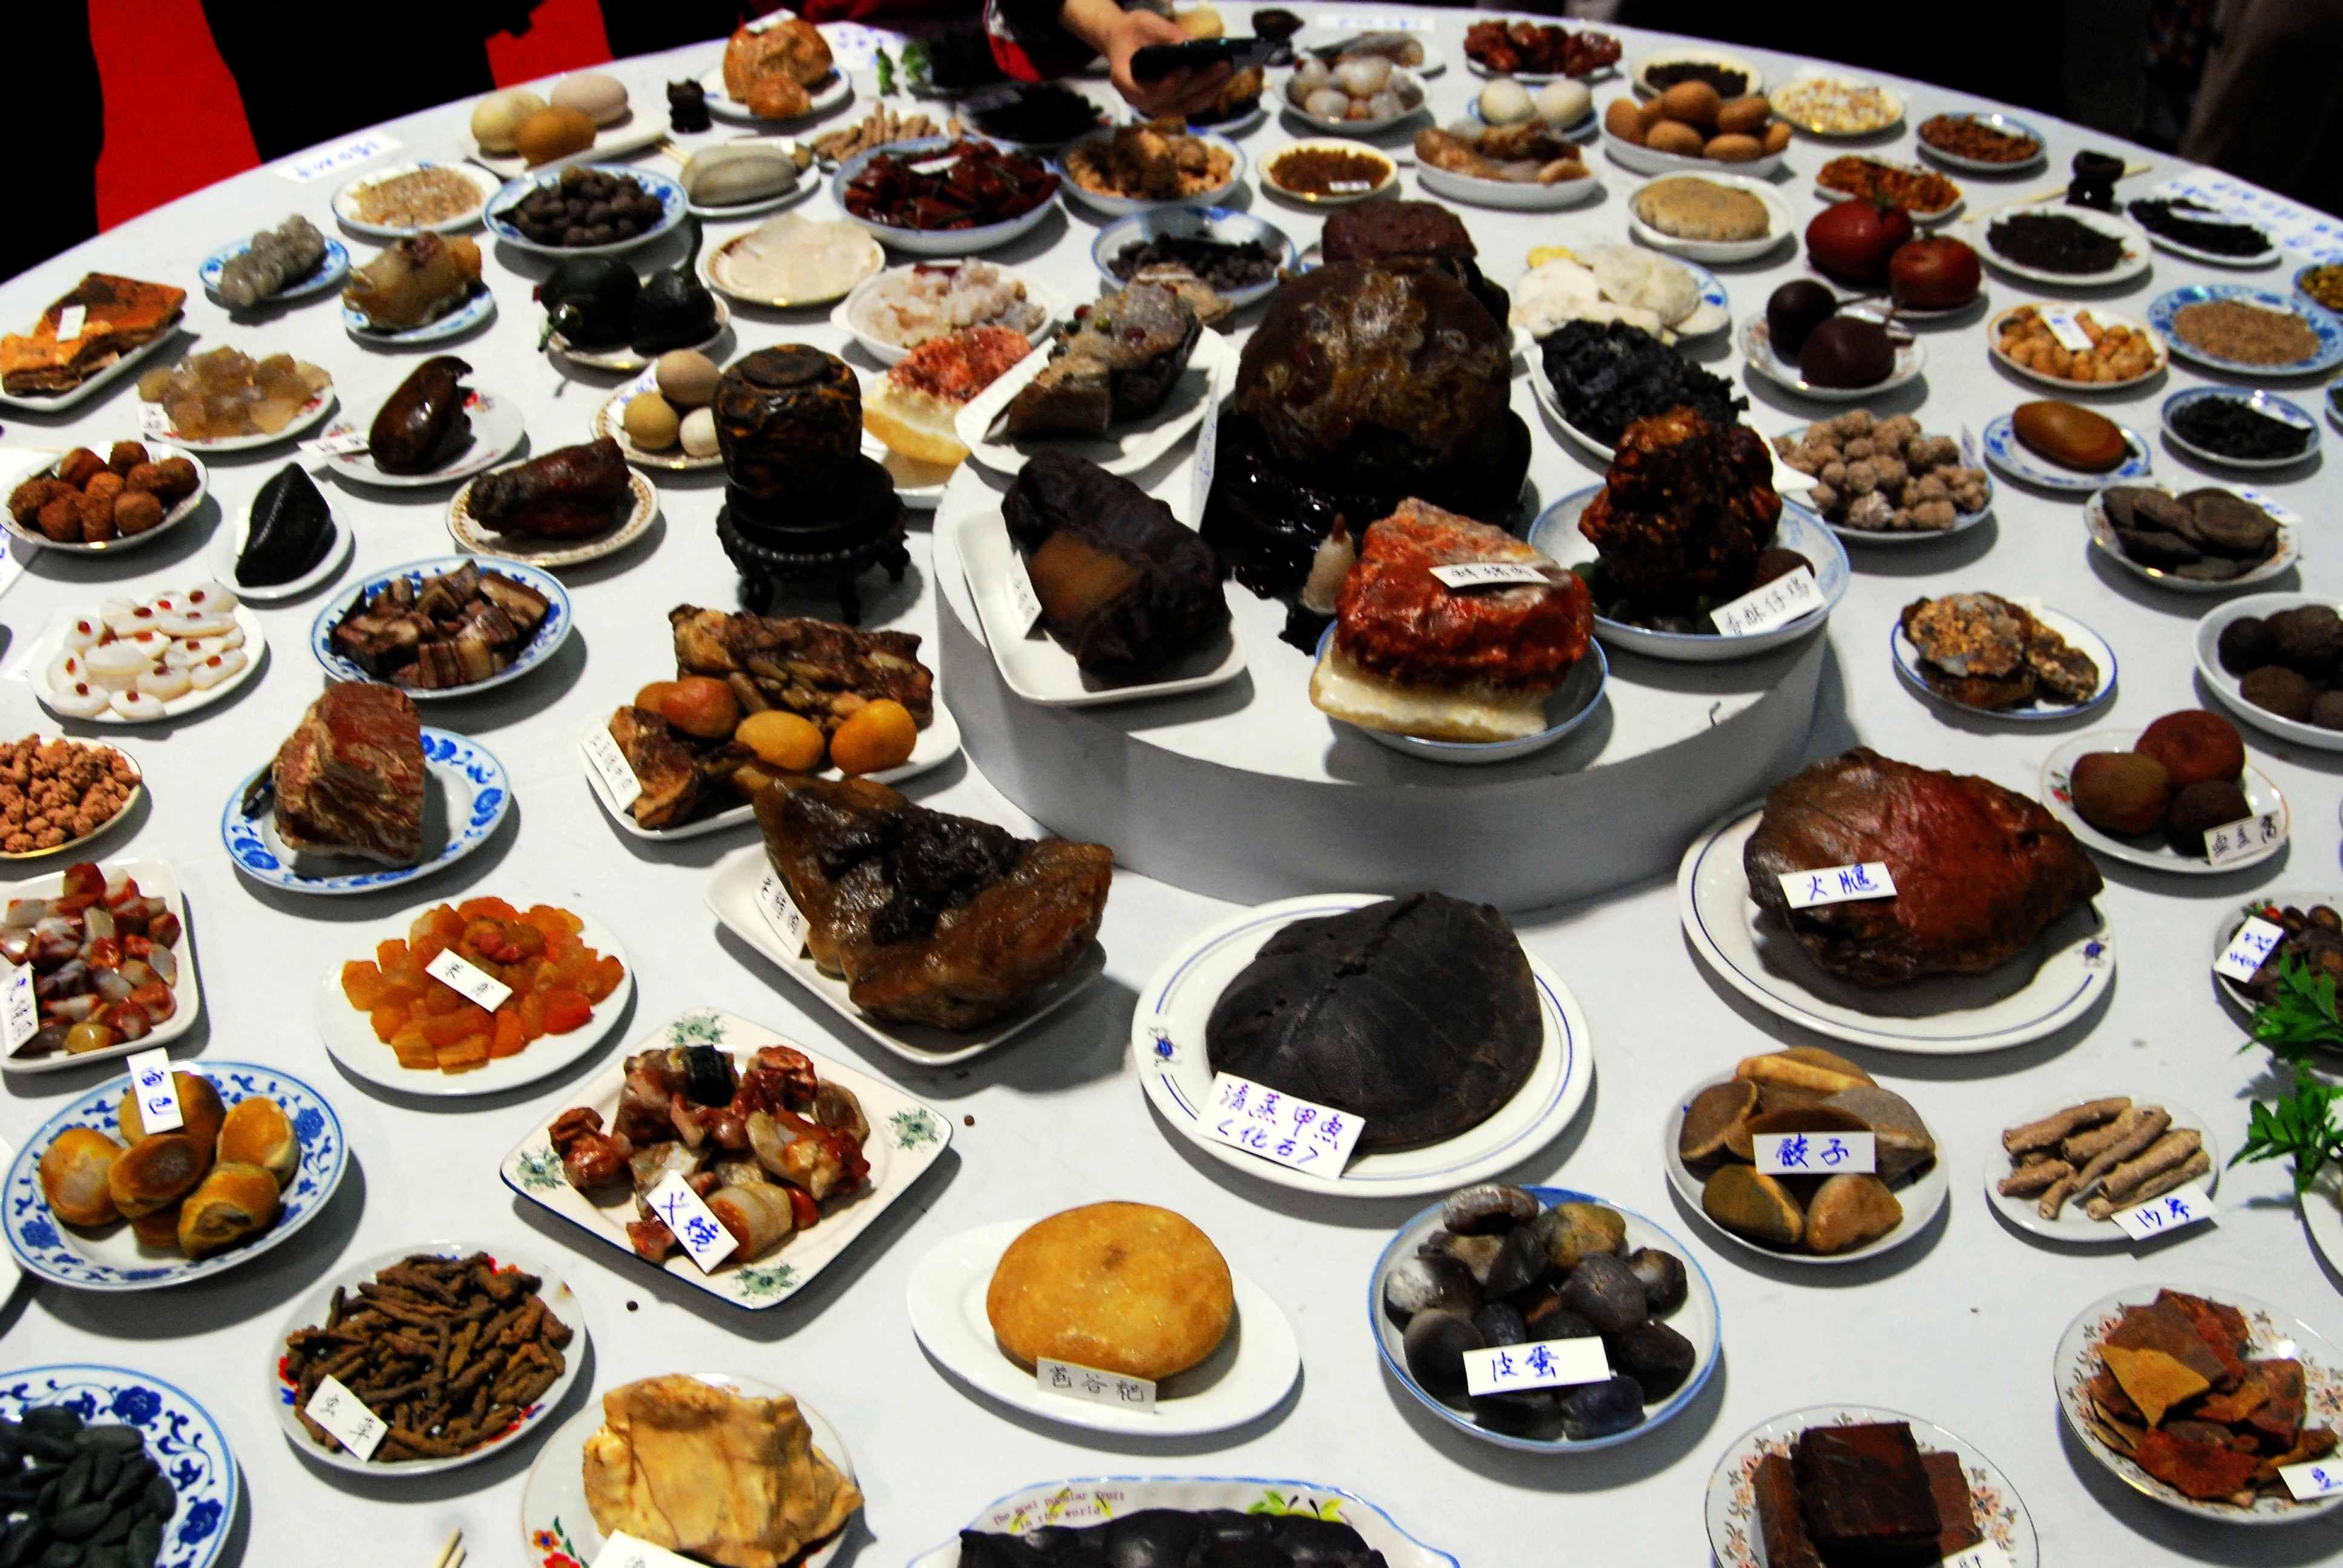 有的装在盘中 型似一道菜 下面这些图片就是奇石宴 像不像满汉全席